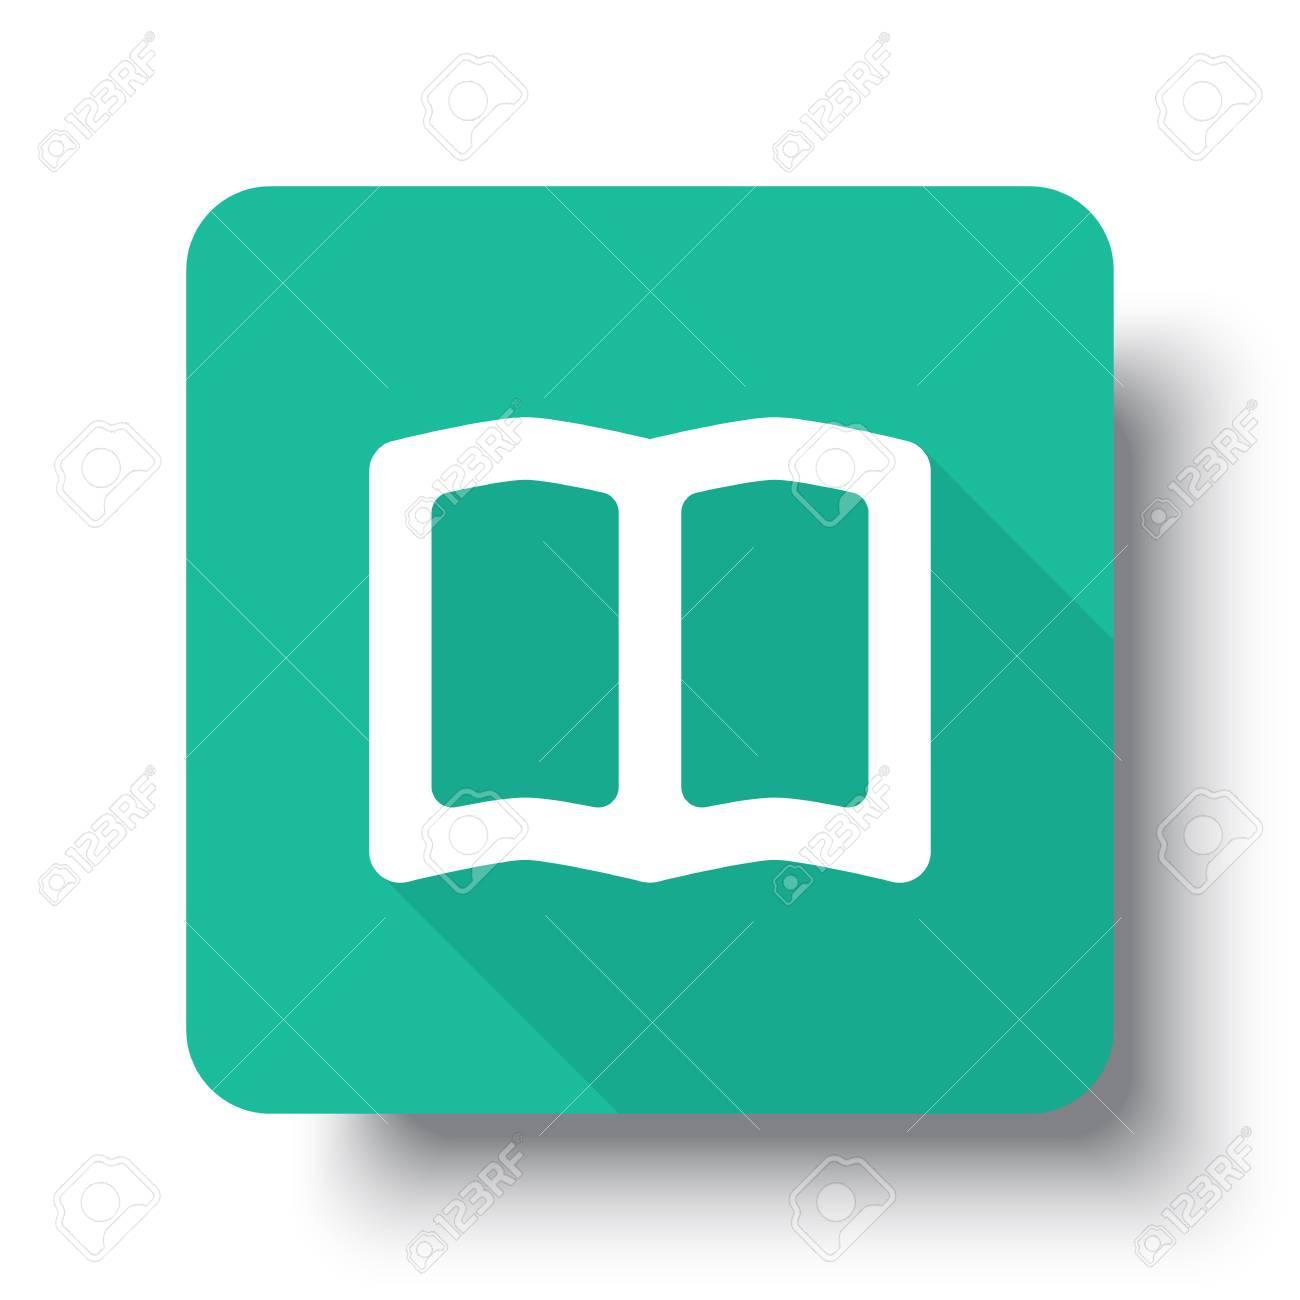 Icone De Livre Blanc Livre Plat Sur Le Bouton Vert Avec Ombre Portee